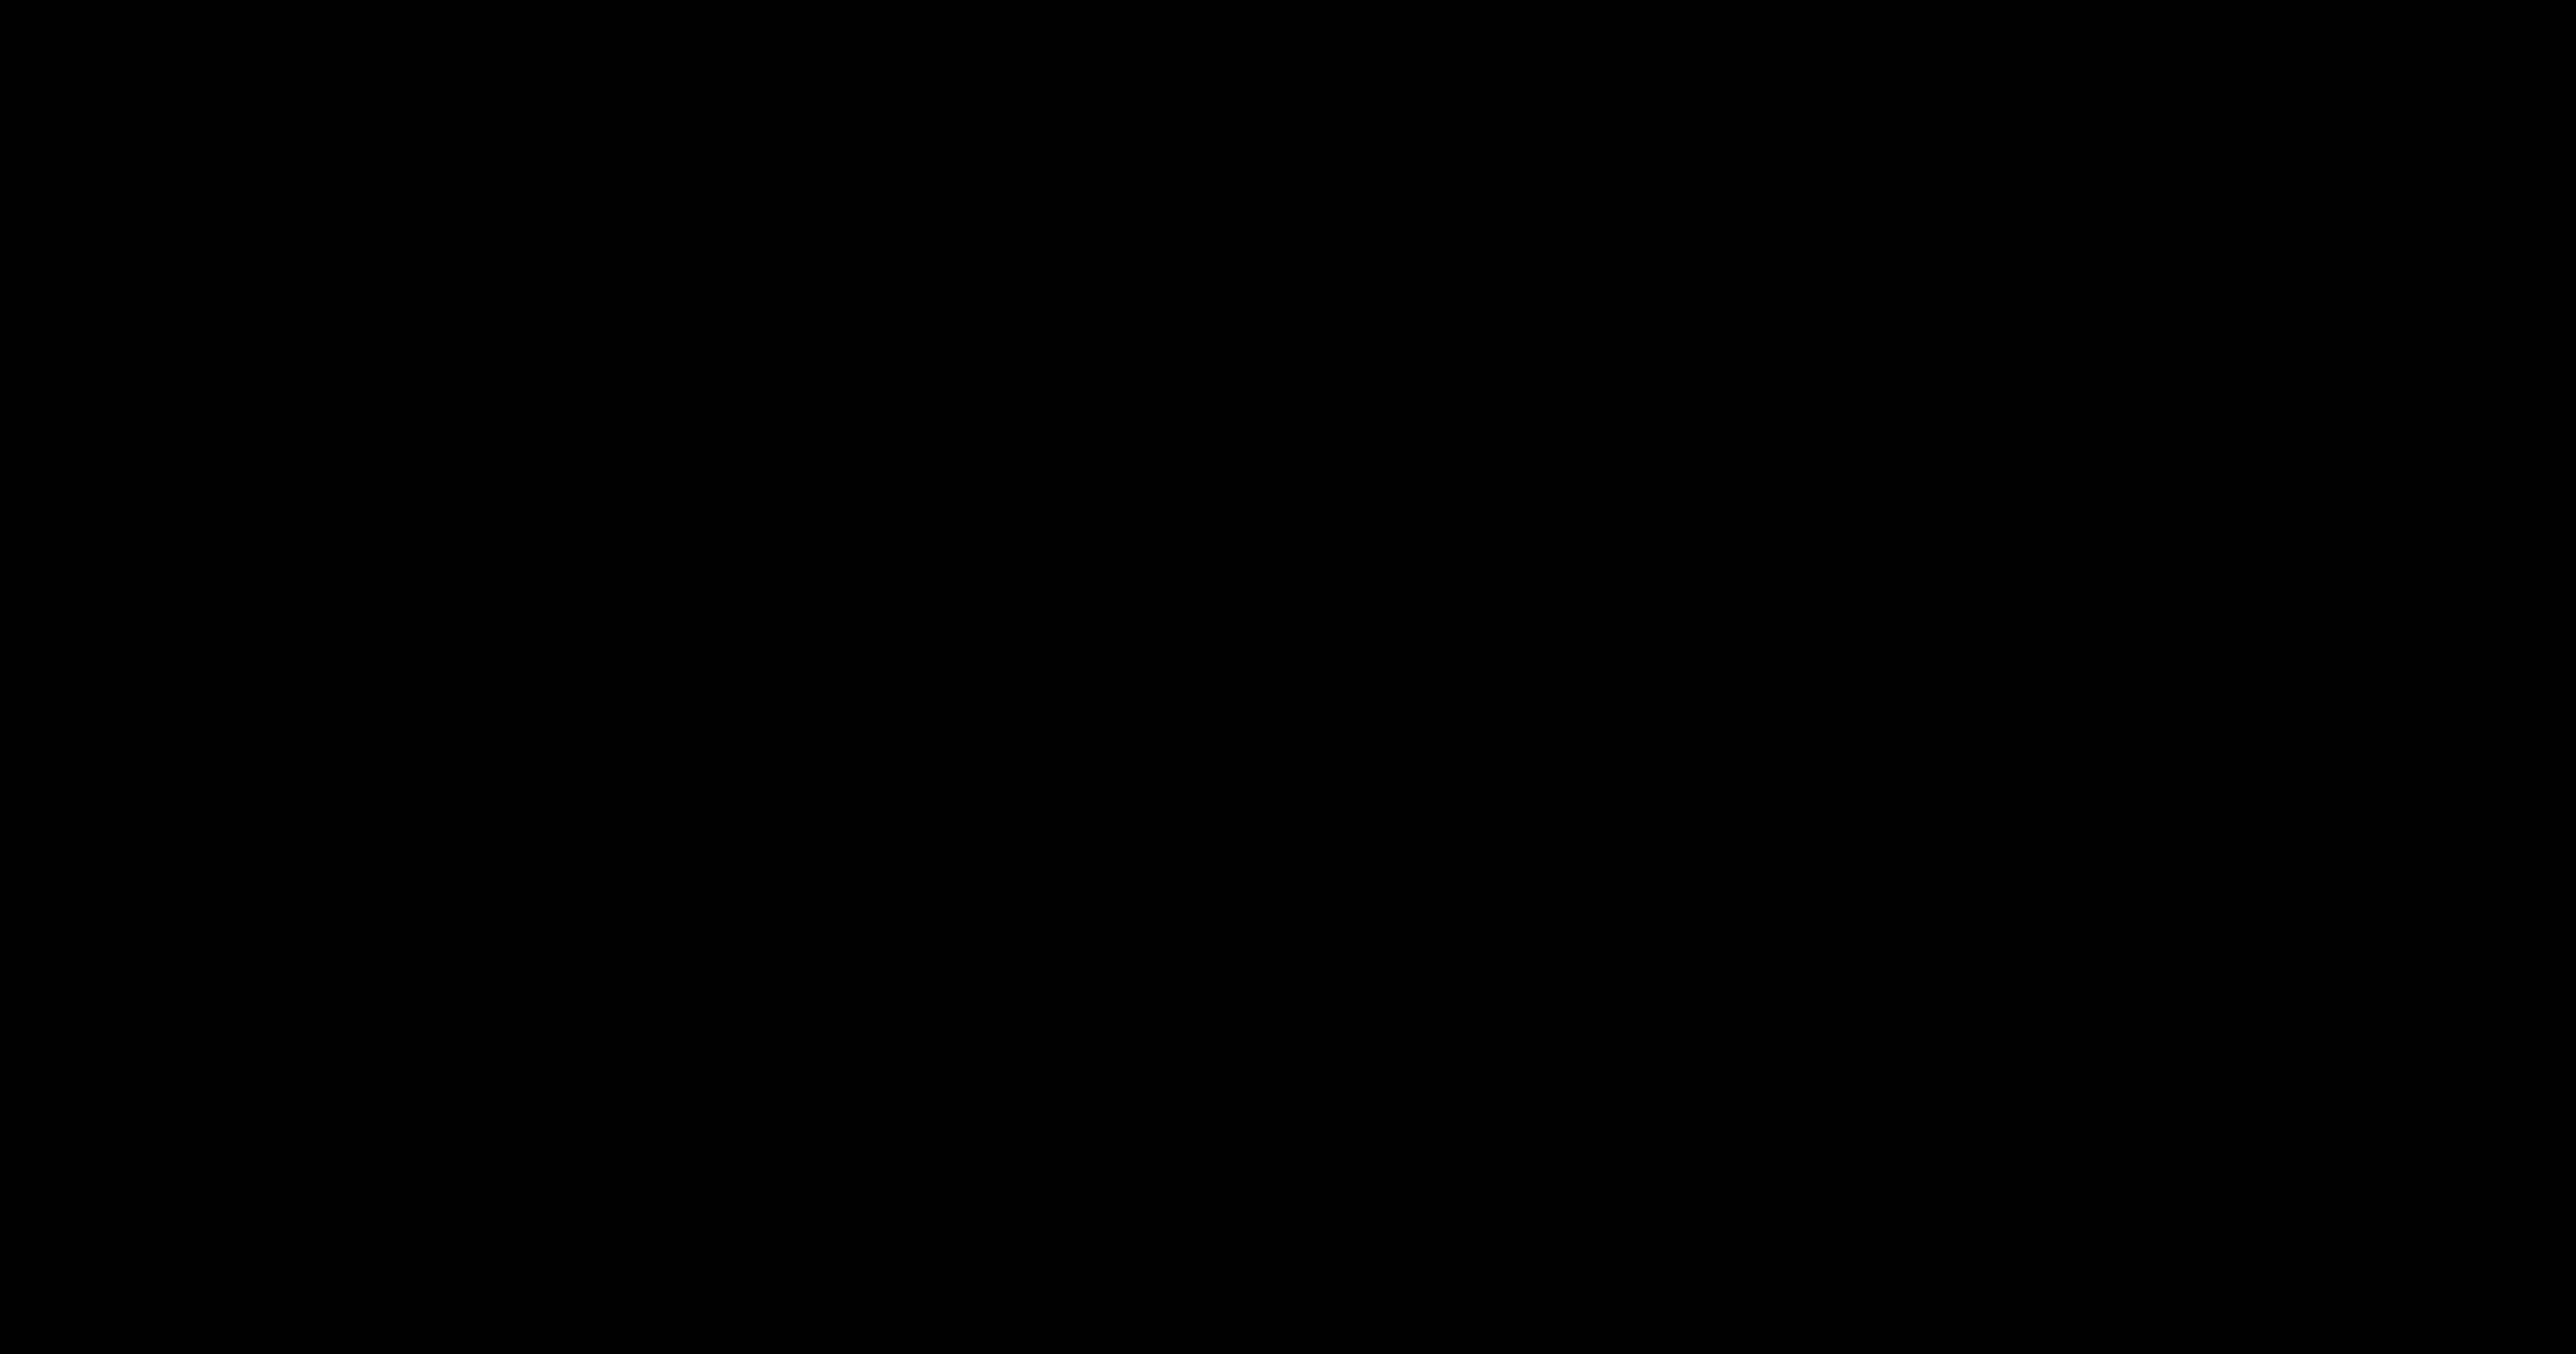 Potwellilta Jäljettömän Hyvä ilmastoperuna